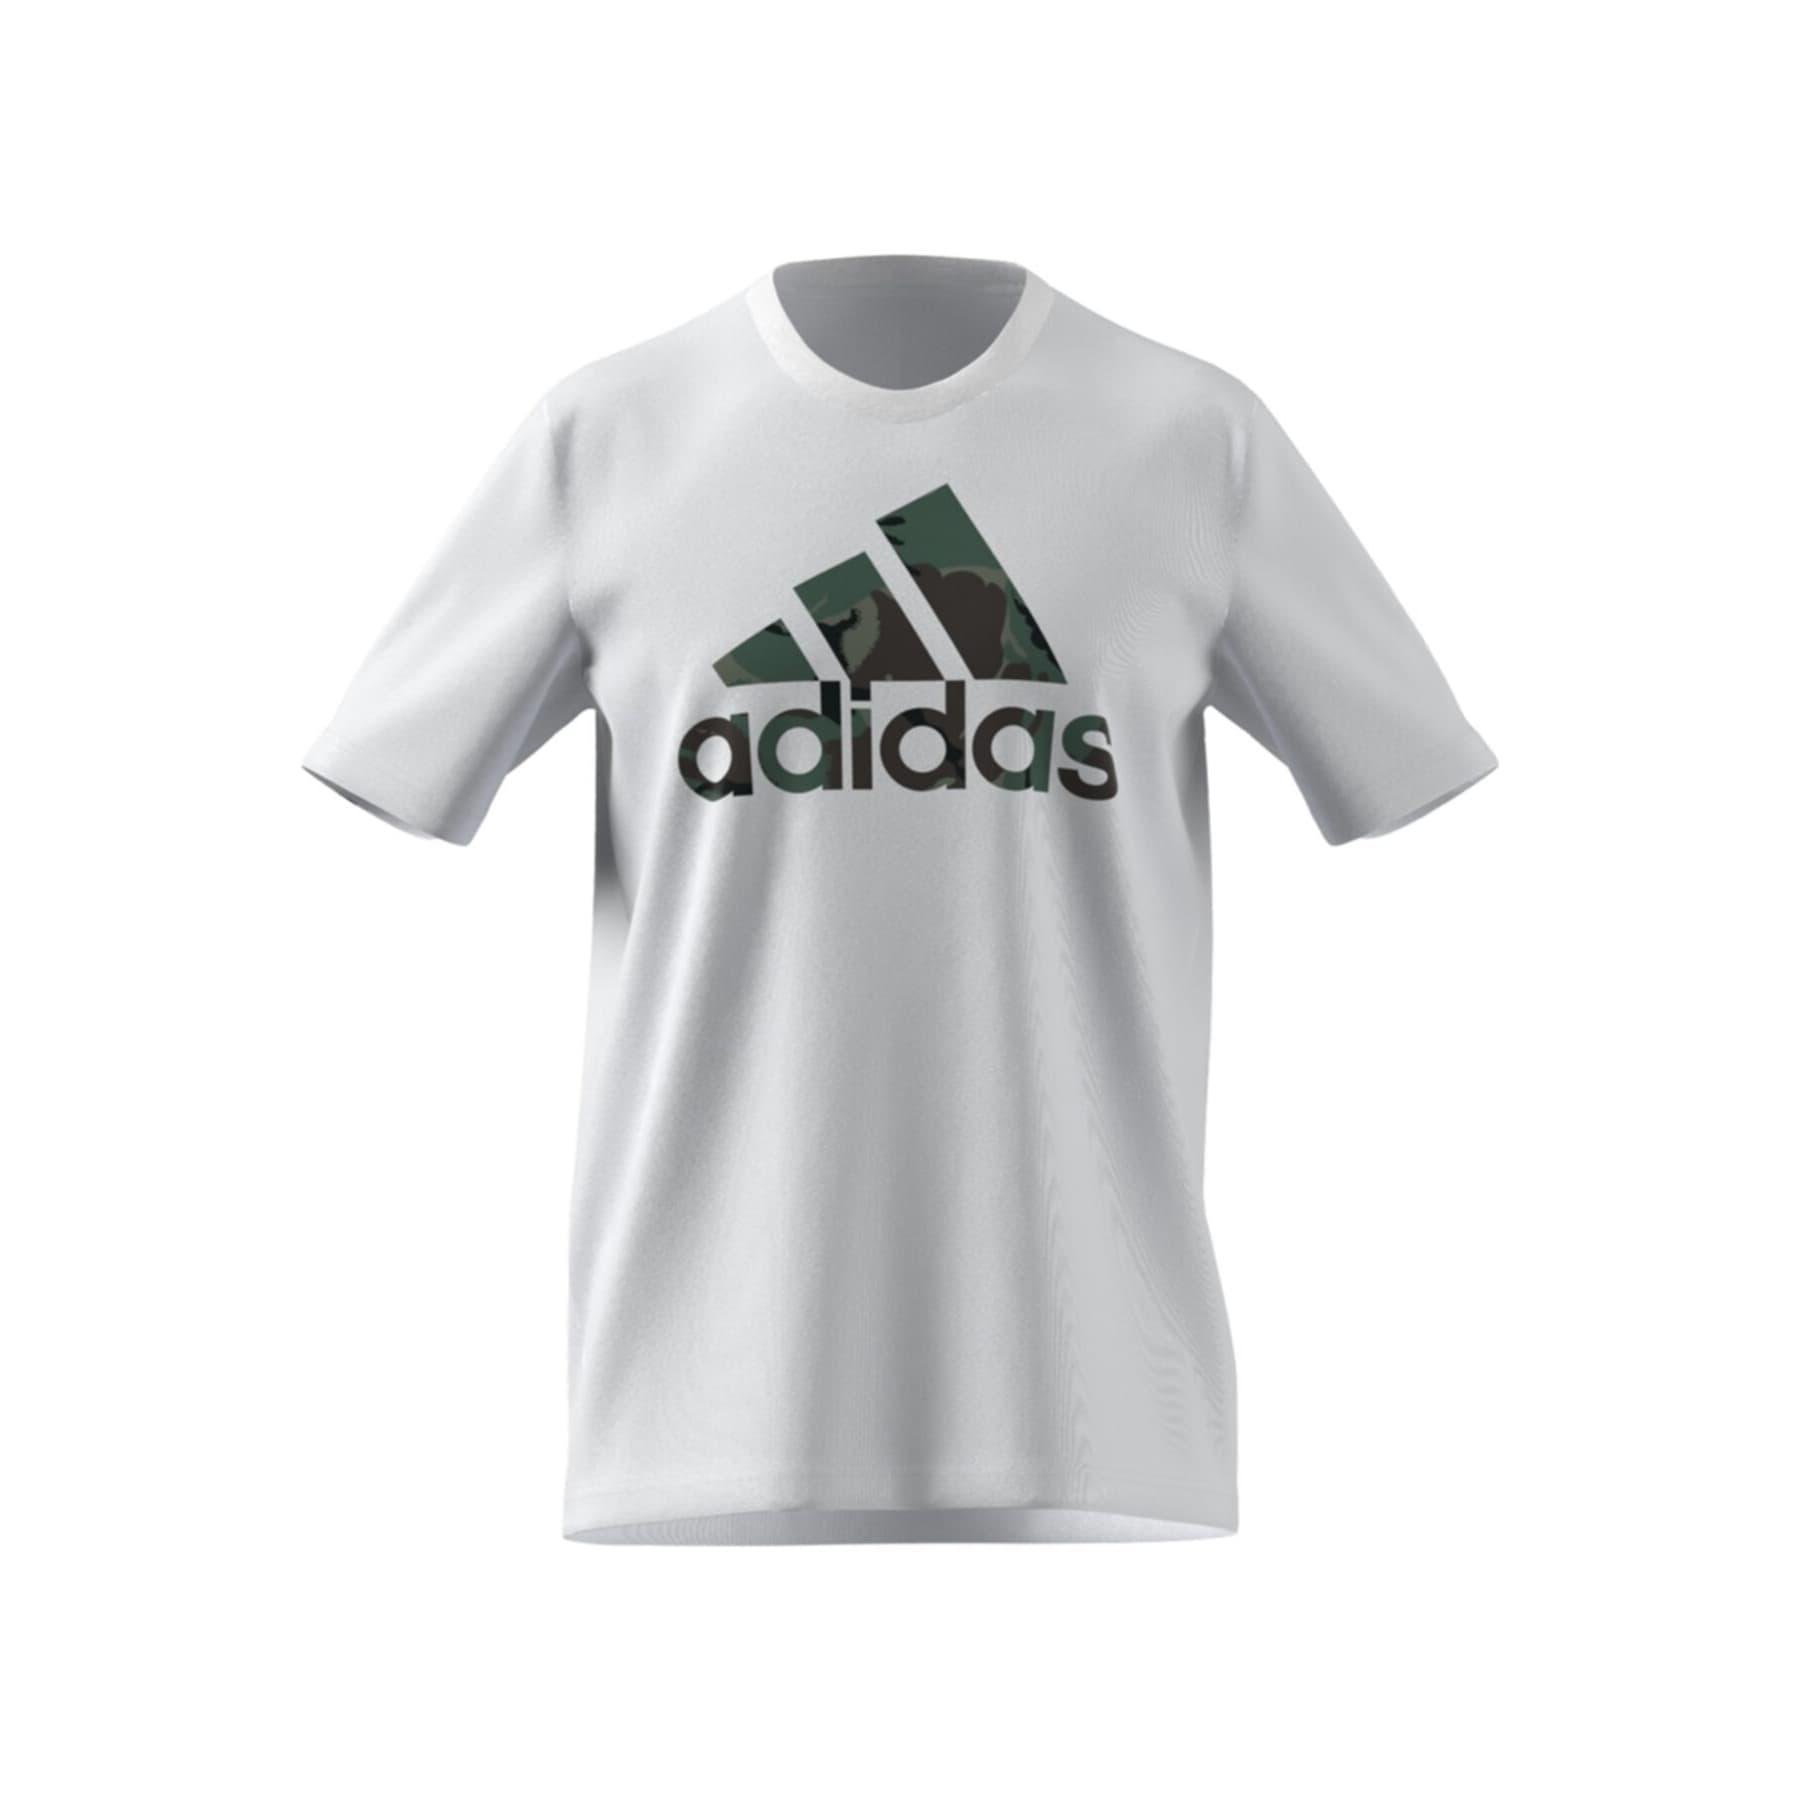 Essentials Camouflage Print Beyaz Tişört (GK9635)